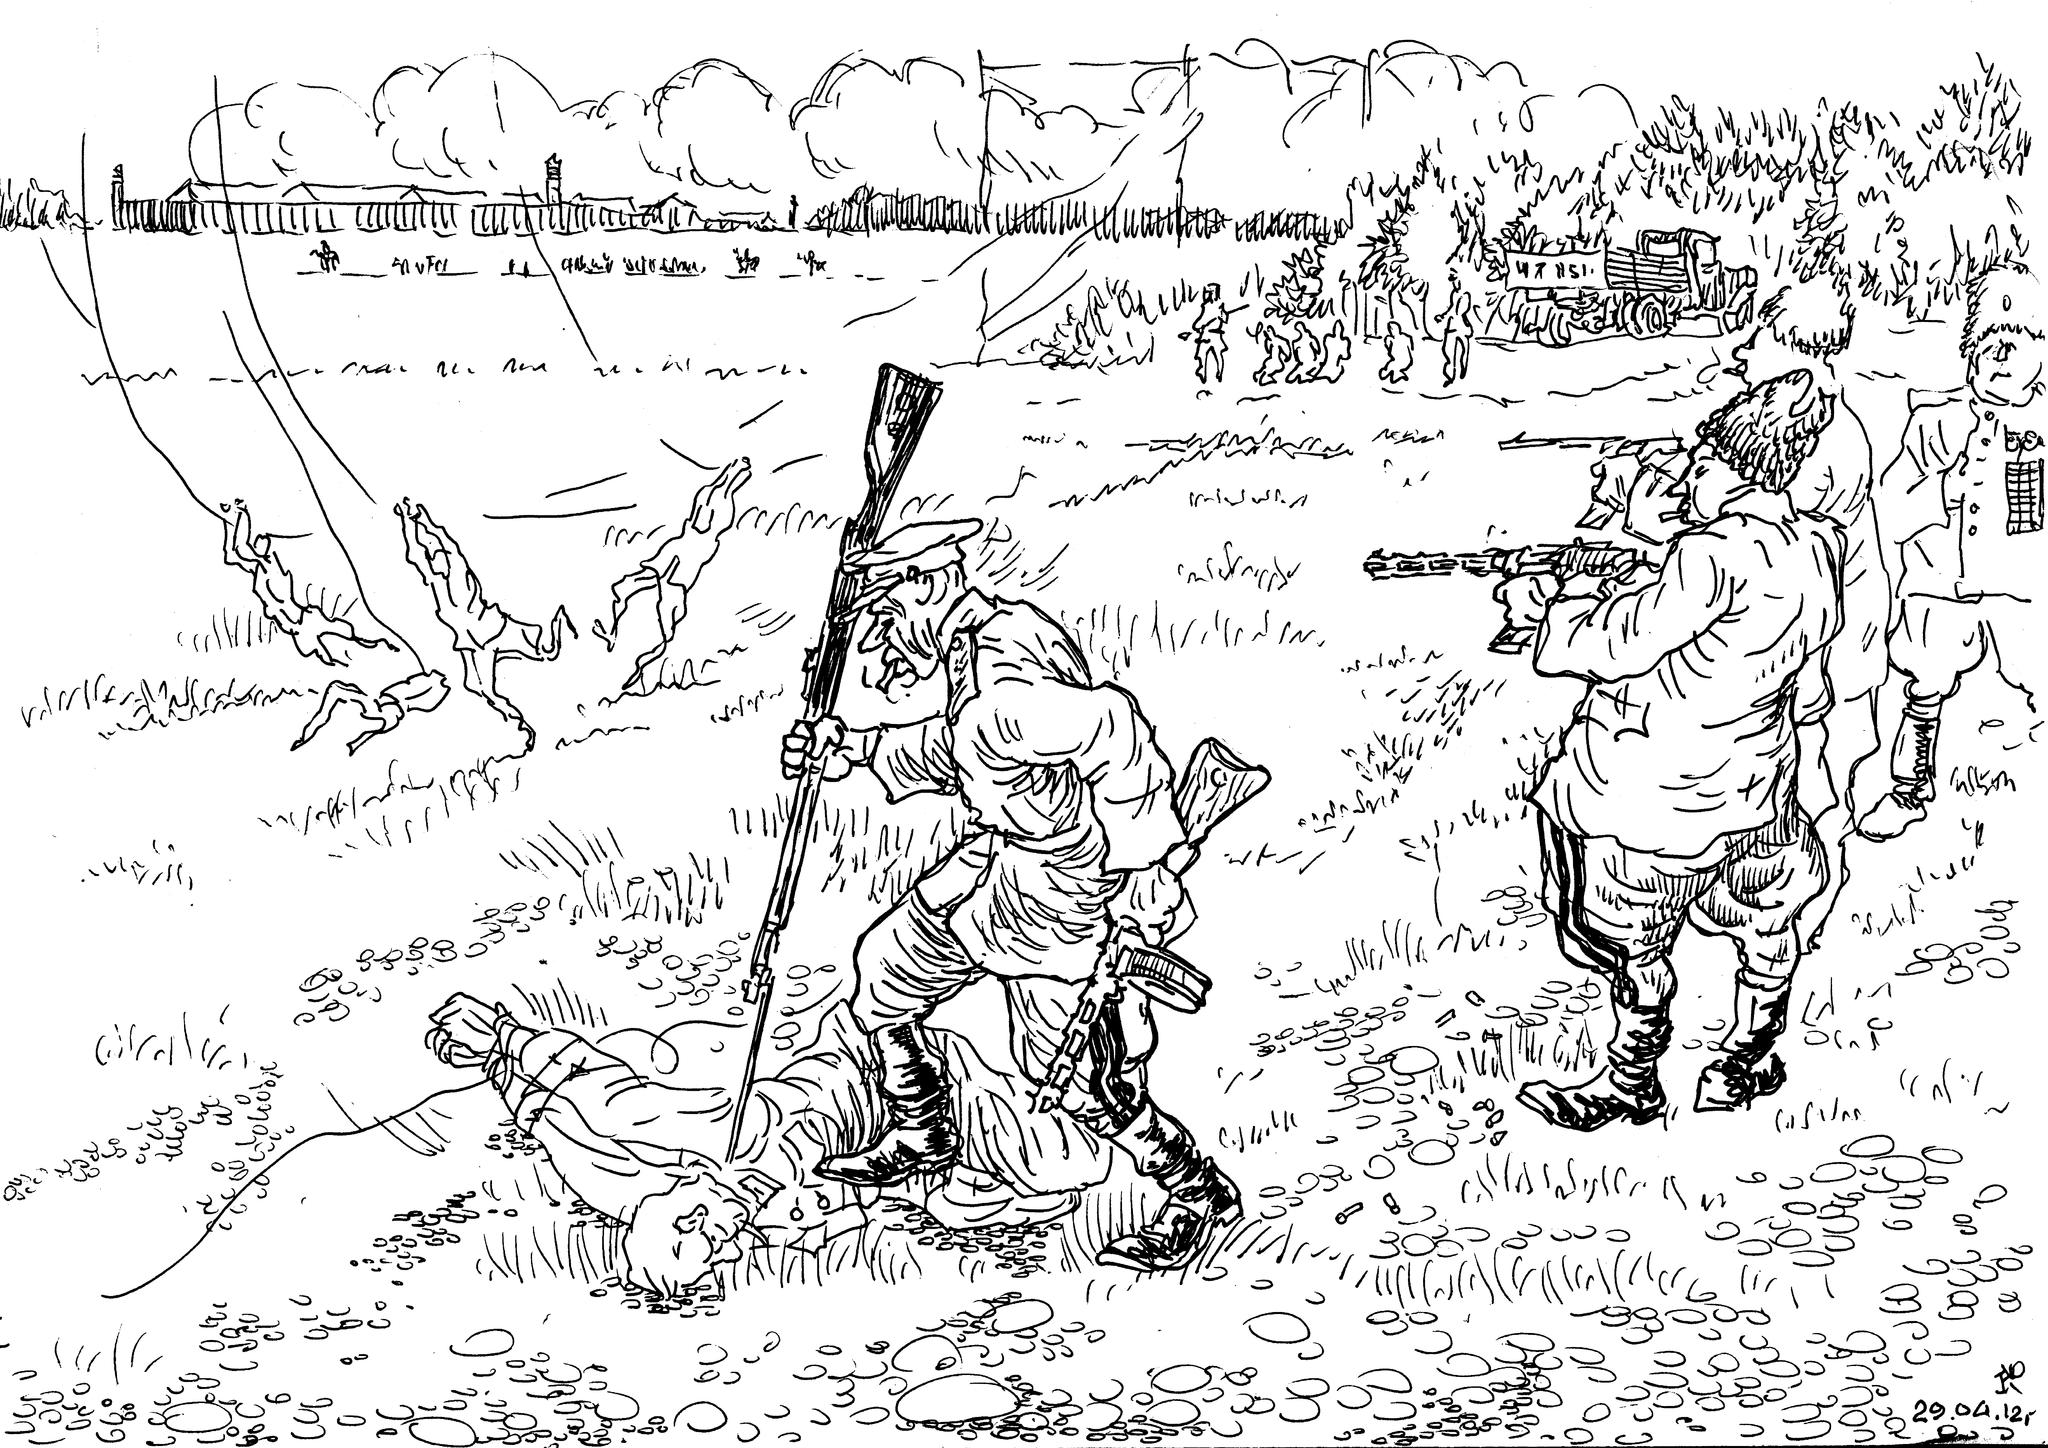 Великая Отечественная война. Руководители «органов» и боевые действия